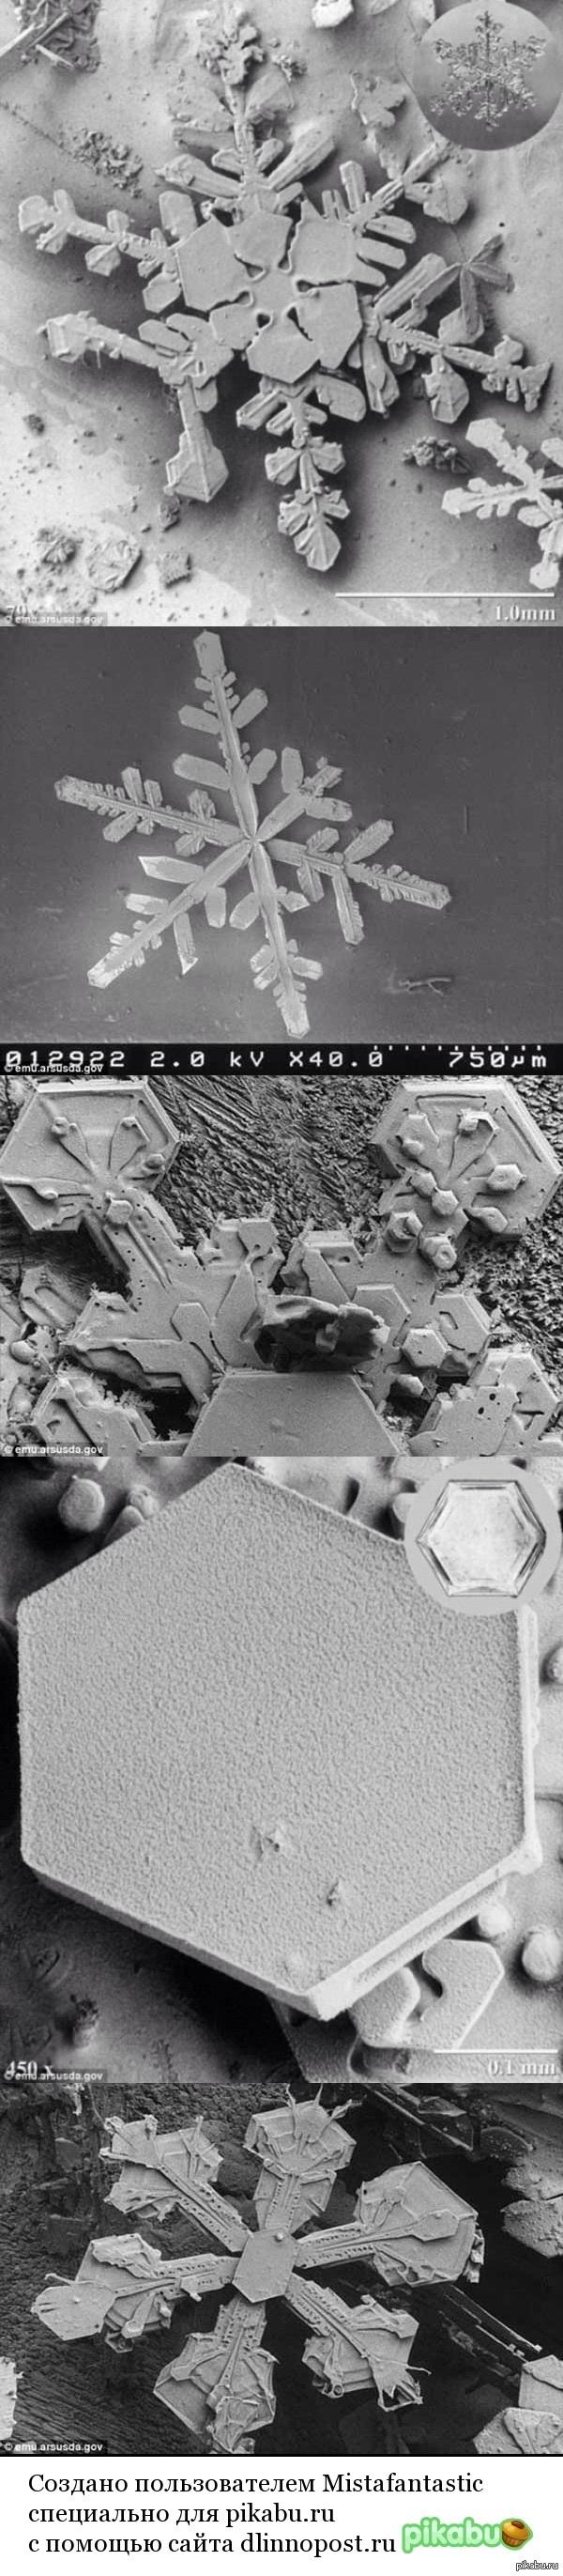 Безгранично идеальная природа. Снежинки под микроскопом ч.2